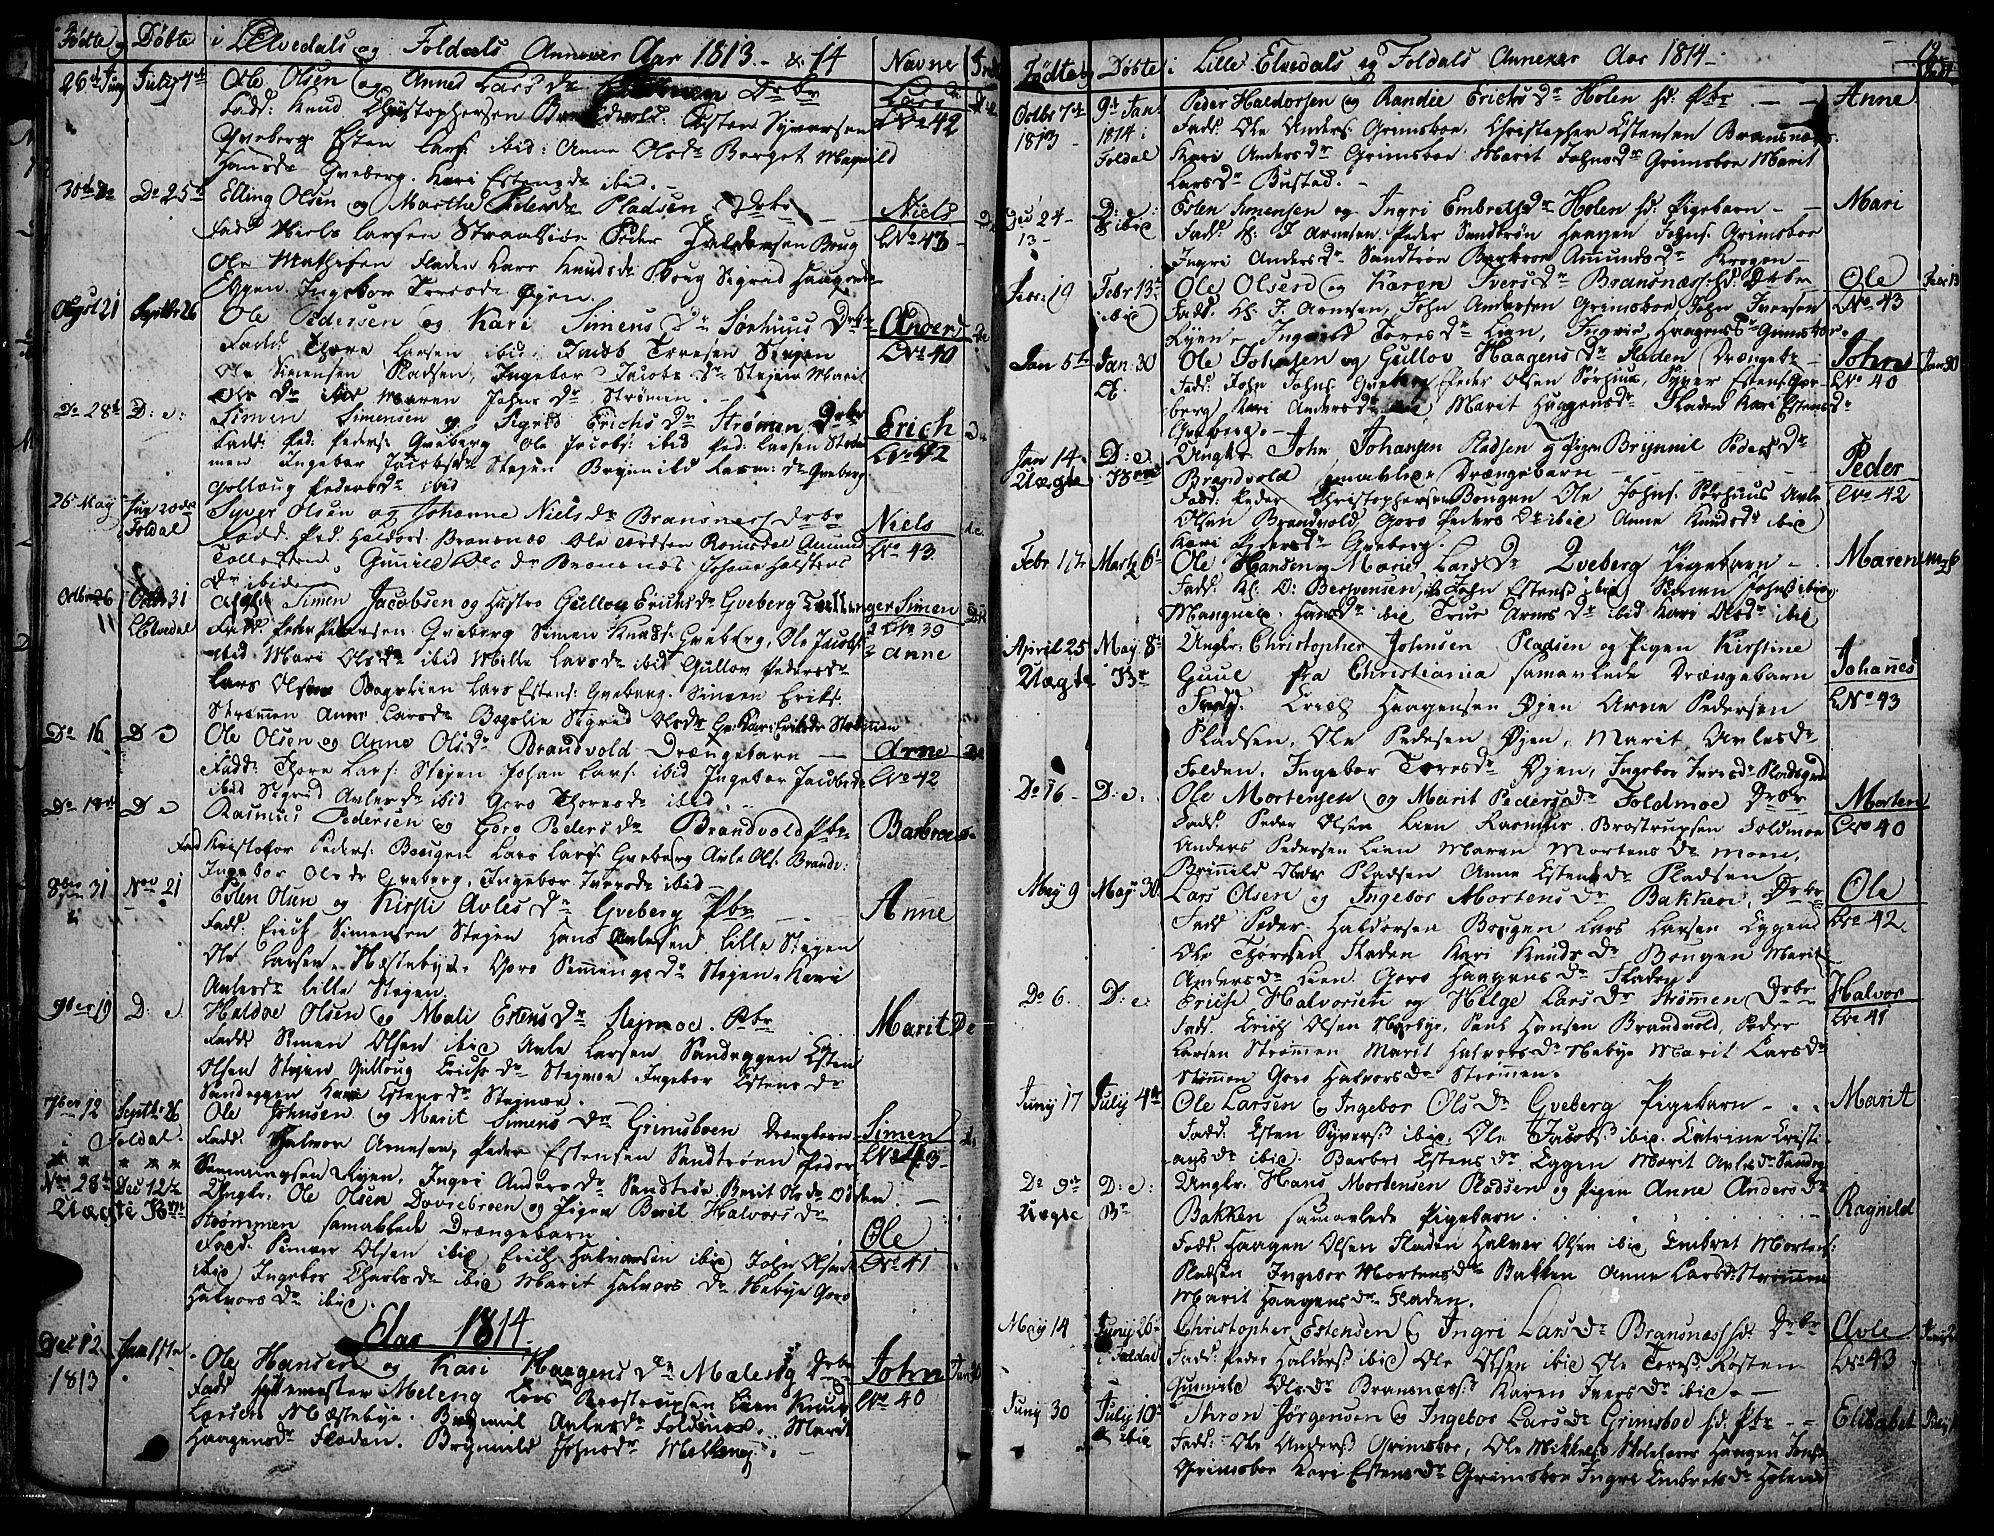 SAH, Tynset prestekontor, Parish register (official) no. 16, 1801-1814, p. 19